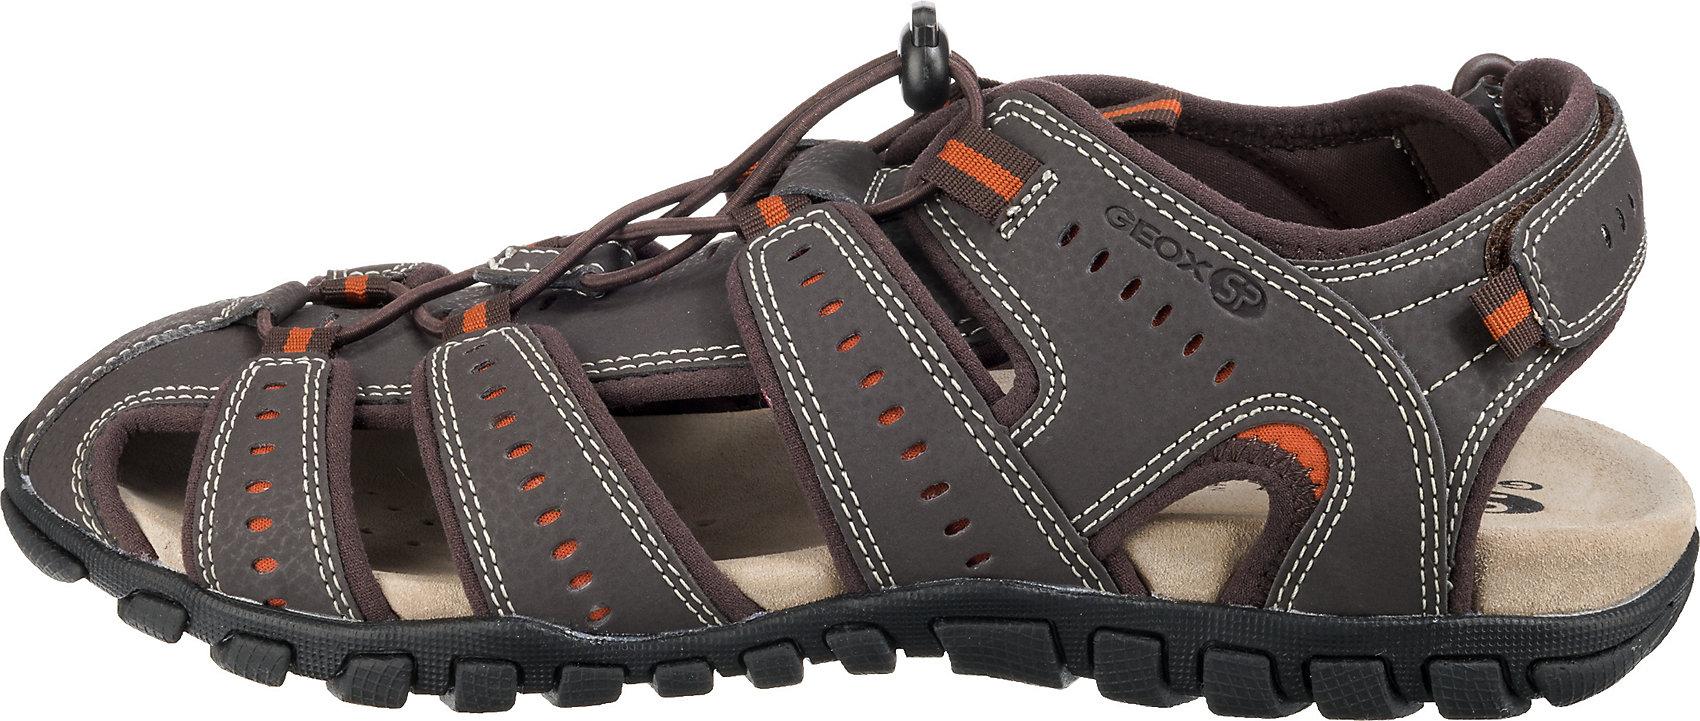 Details zu Neu GEOX Komfort Sandalen 10589554 für Herren braun